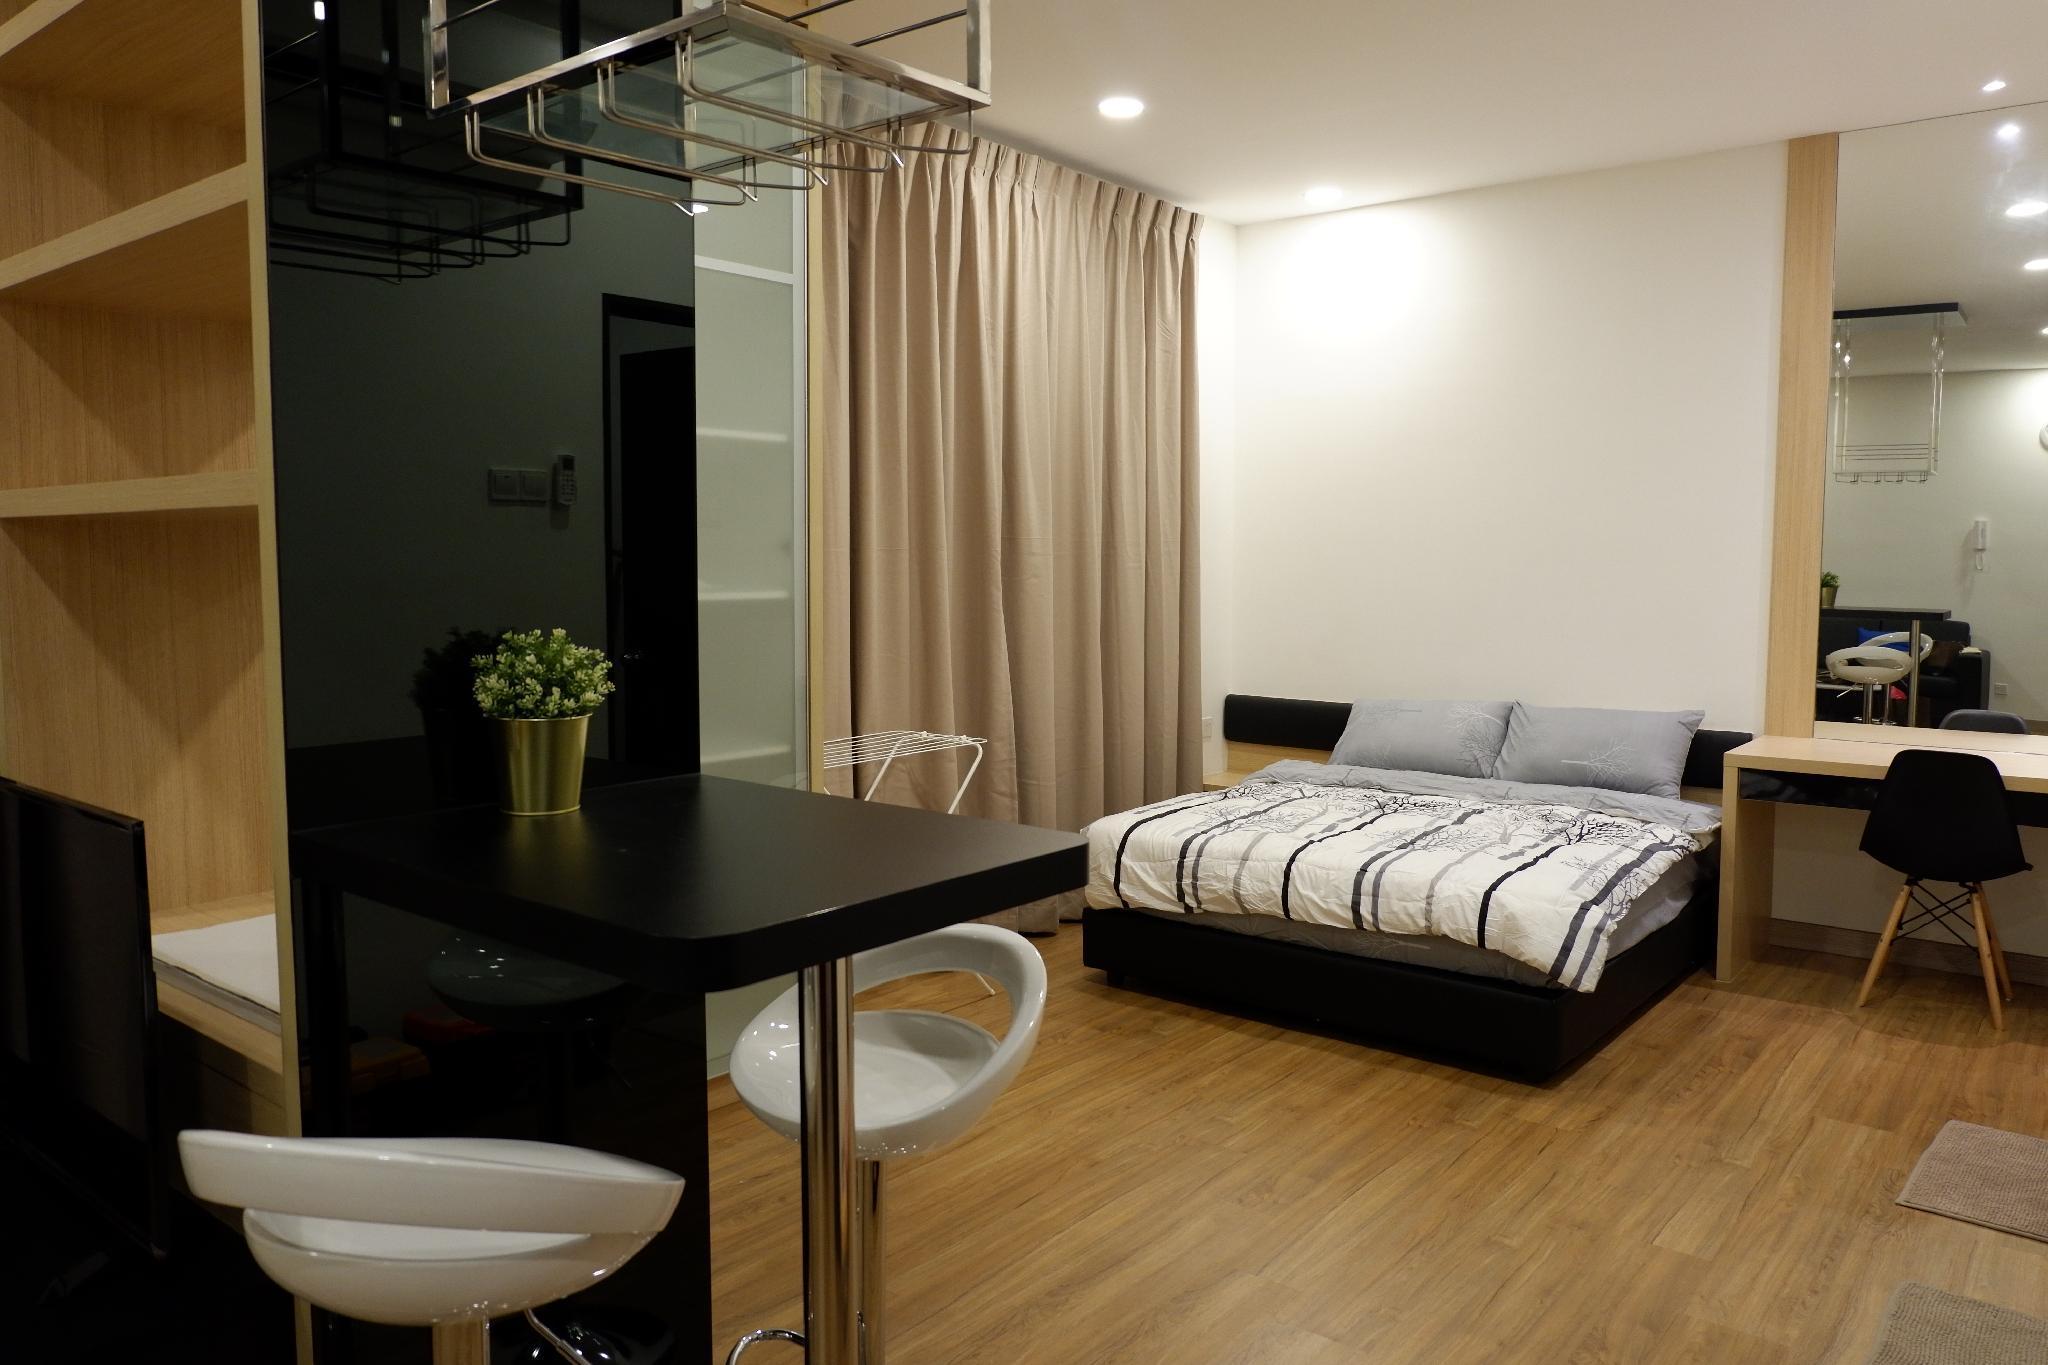 J's Suite 19 @ Landmark Residence Kajang W Carpark Kuala Lumpur Malaysia